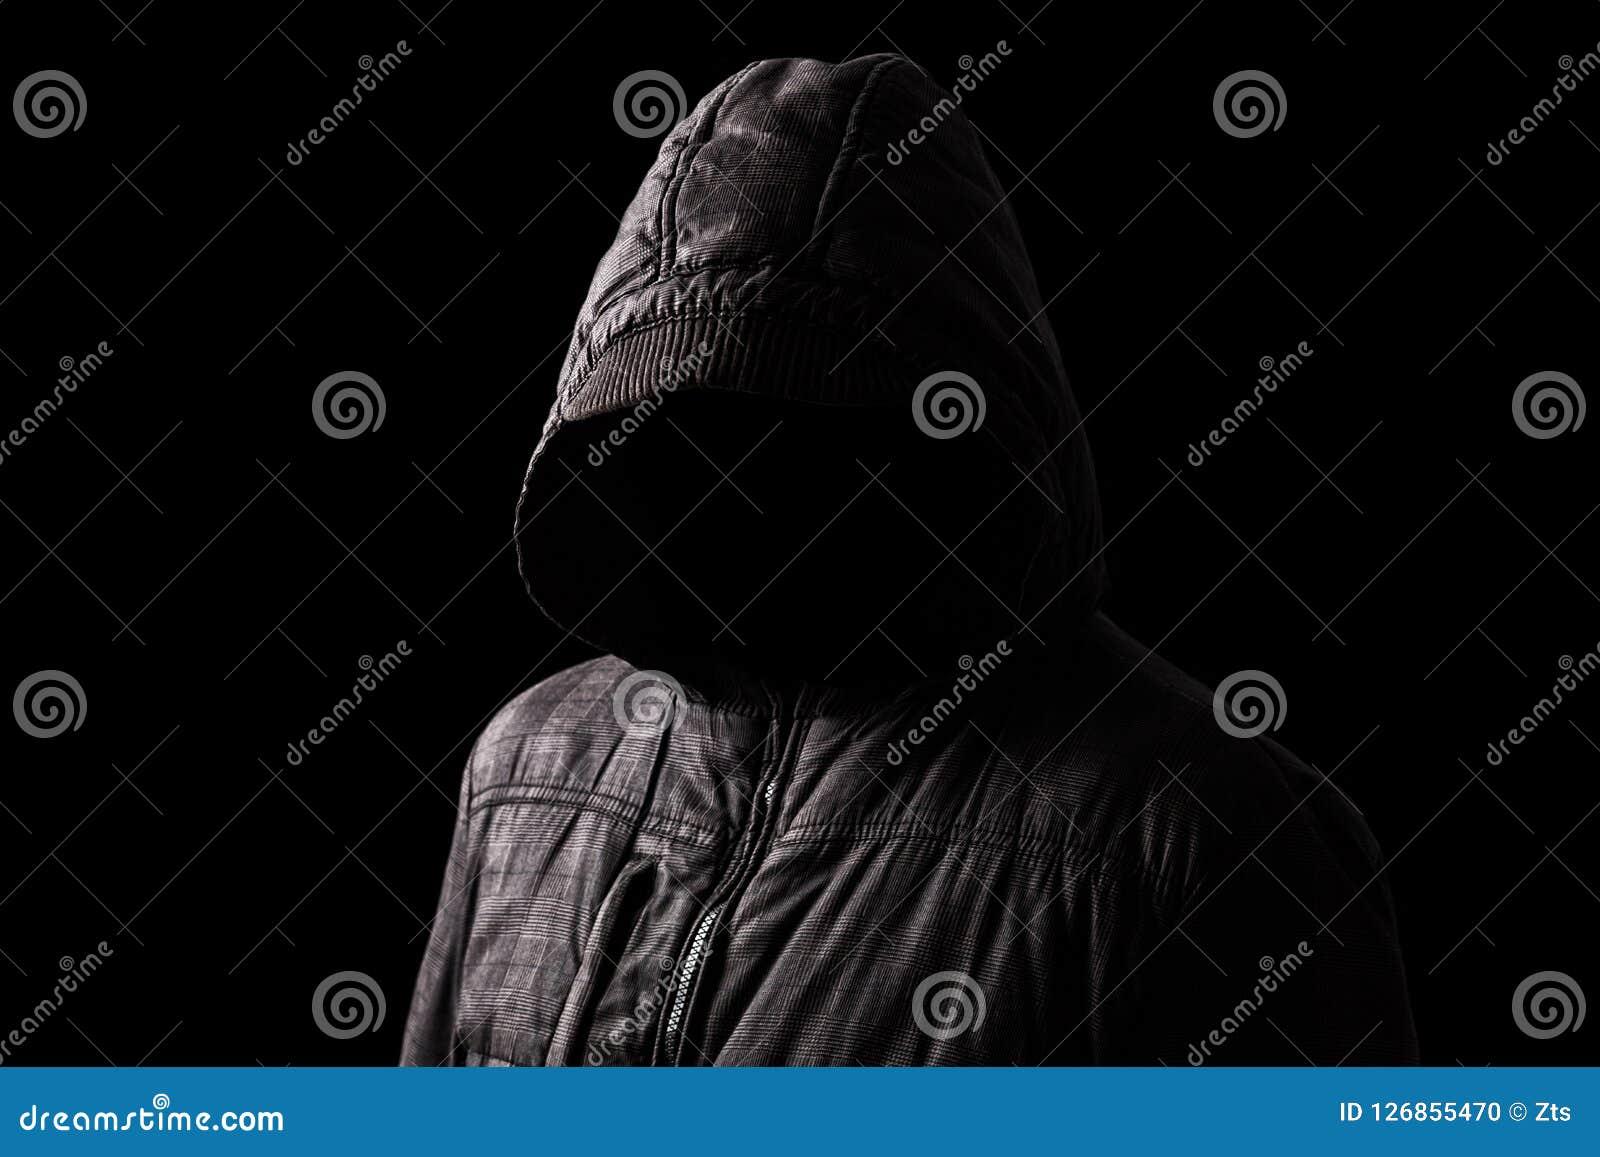 Homem assustador e assustador que esconde nas sombras, com a cara e a identidade escondidas com a capa